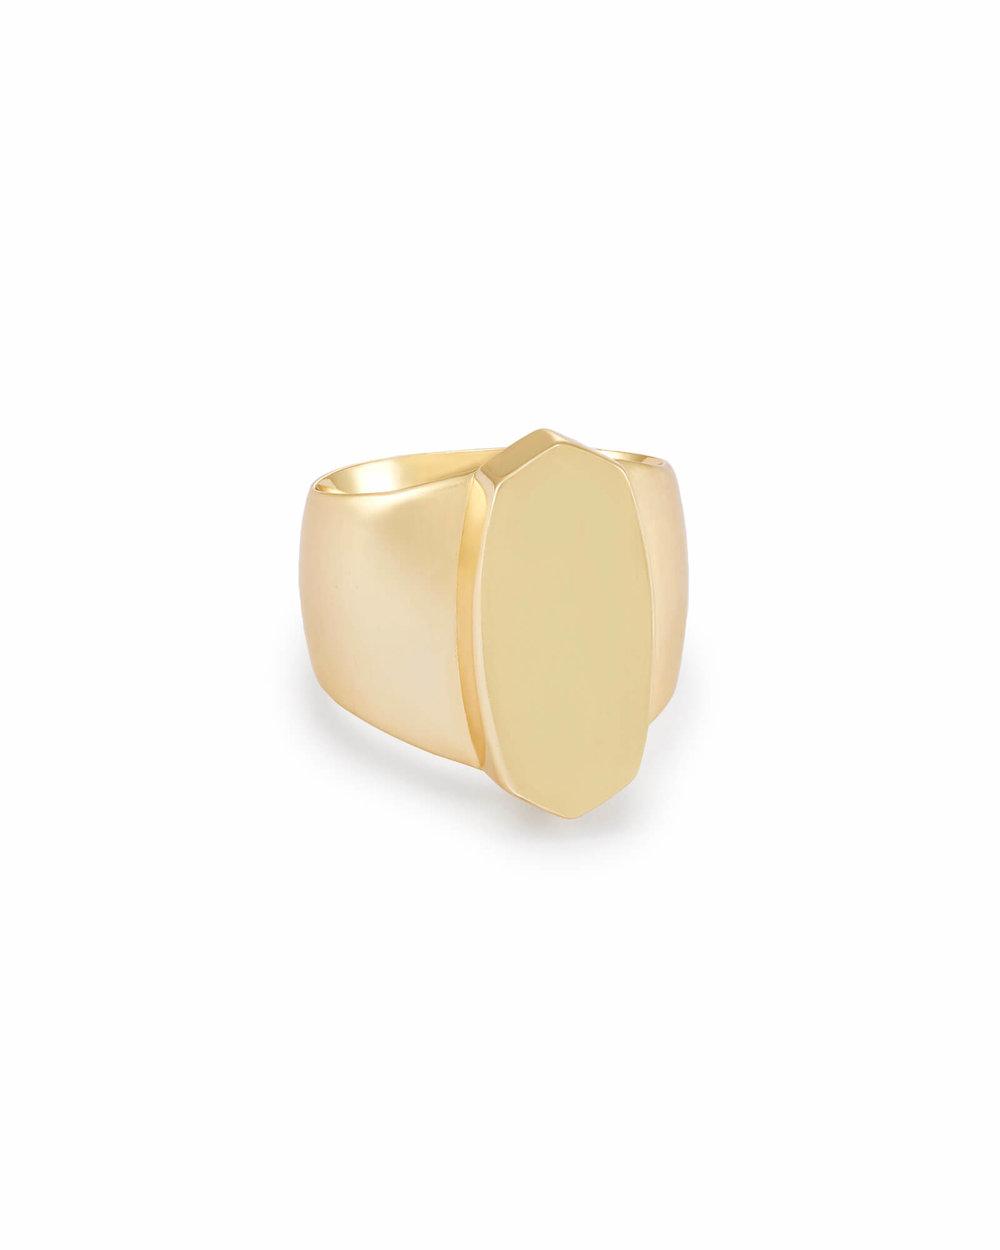 kendra-scott-reagan-cocktail-ring-in-gold_00_default_lg.jpg